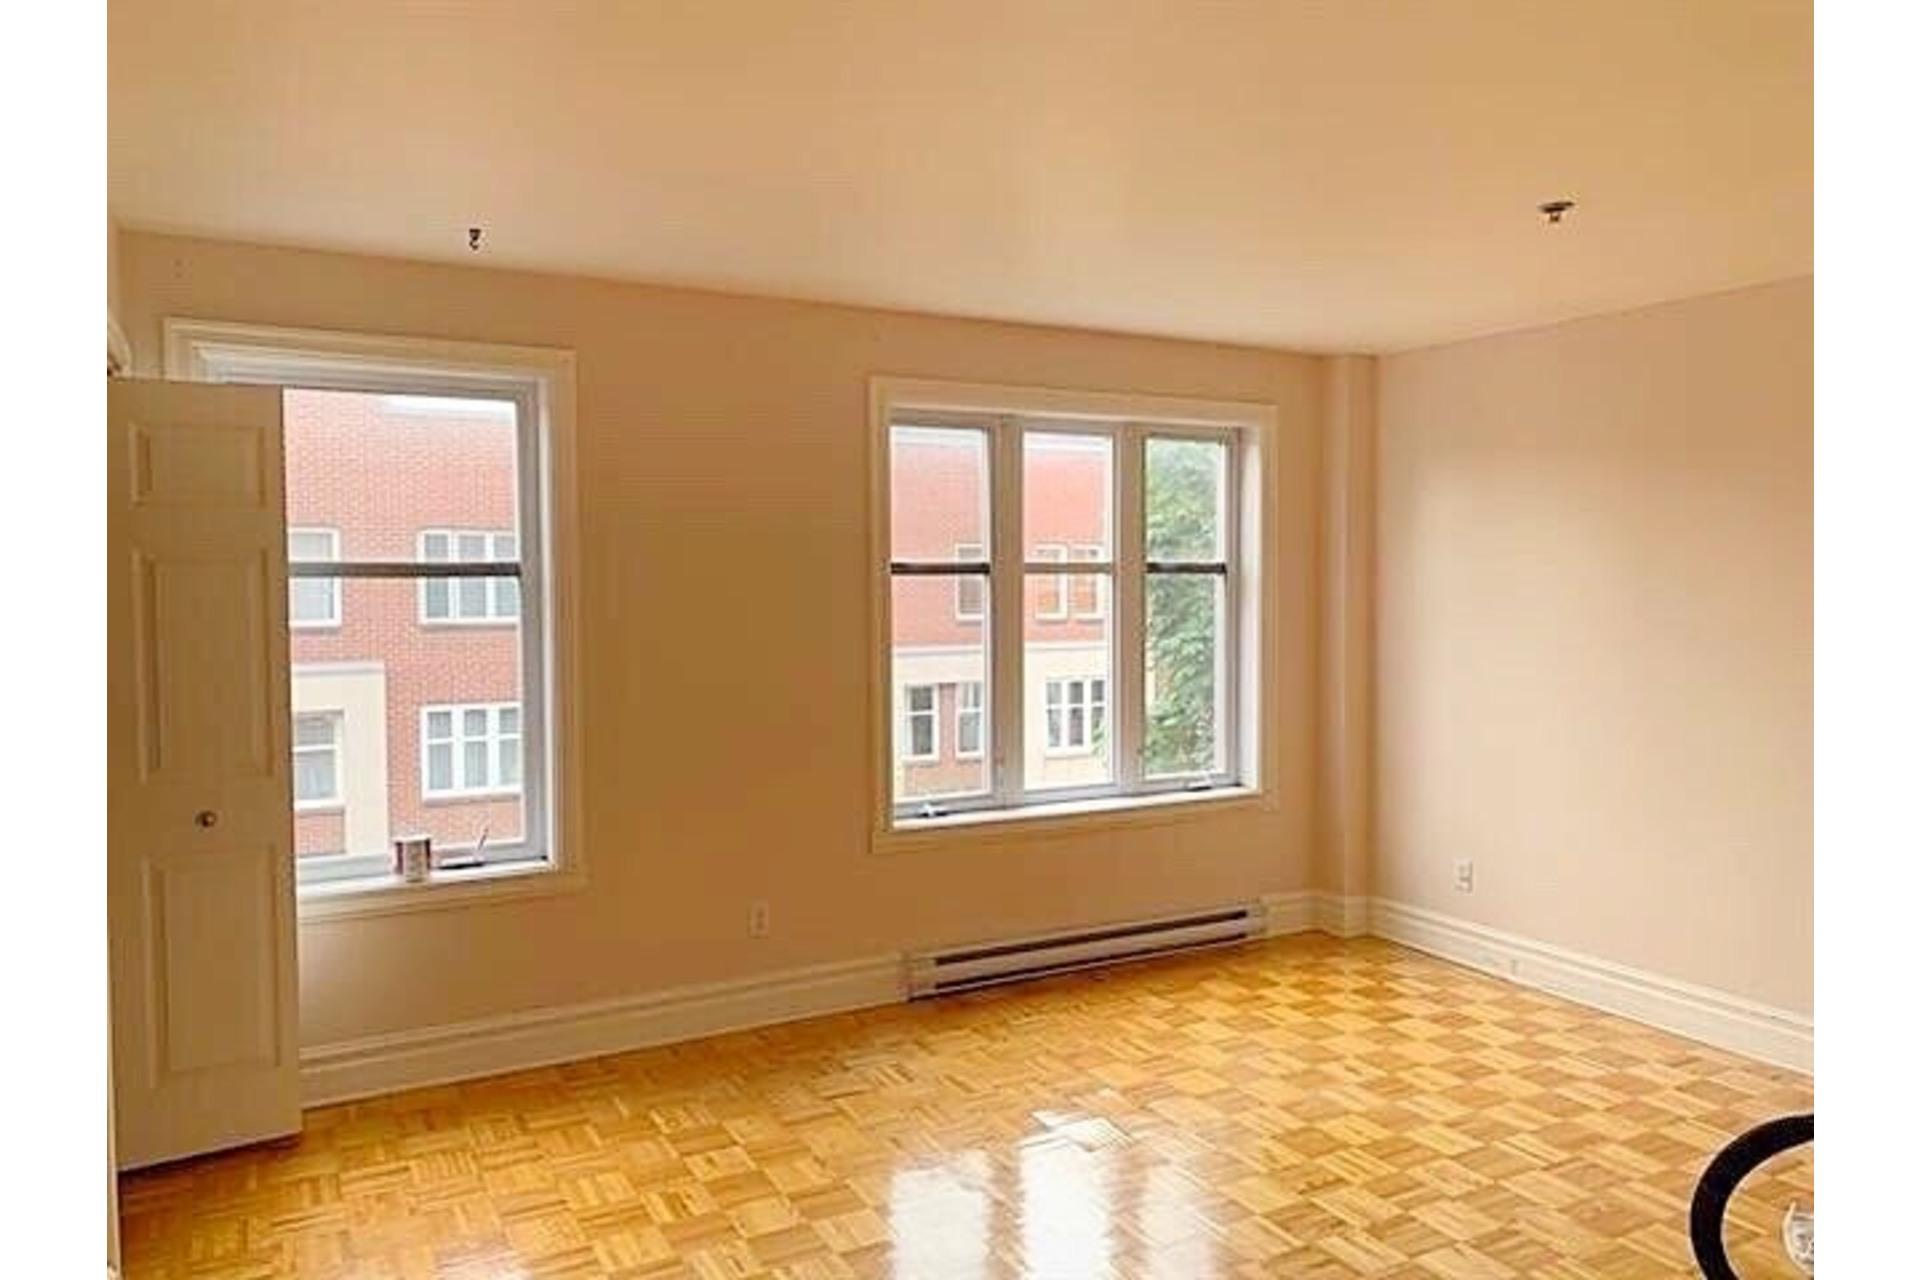 image 6 - Apartment For rent Ville-Marie Montréal  - 9 rooms